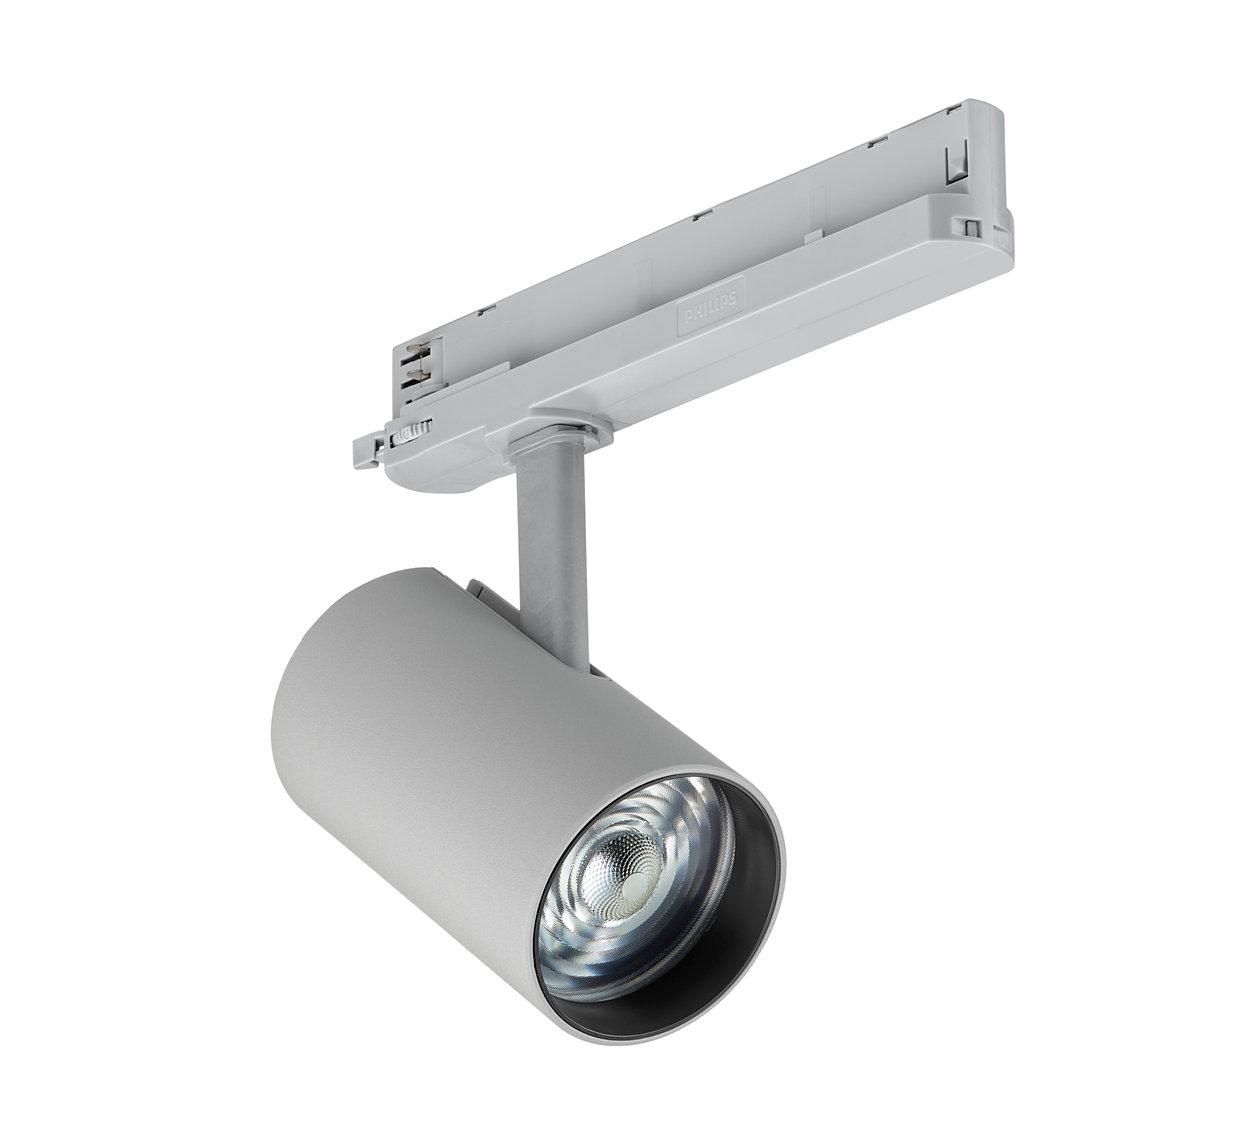 La migliore qualità di luce in lampadine spot miniaturizzate, per i negozi di moda di tutto il mondo